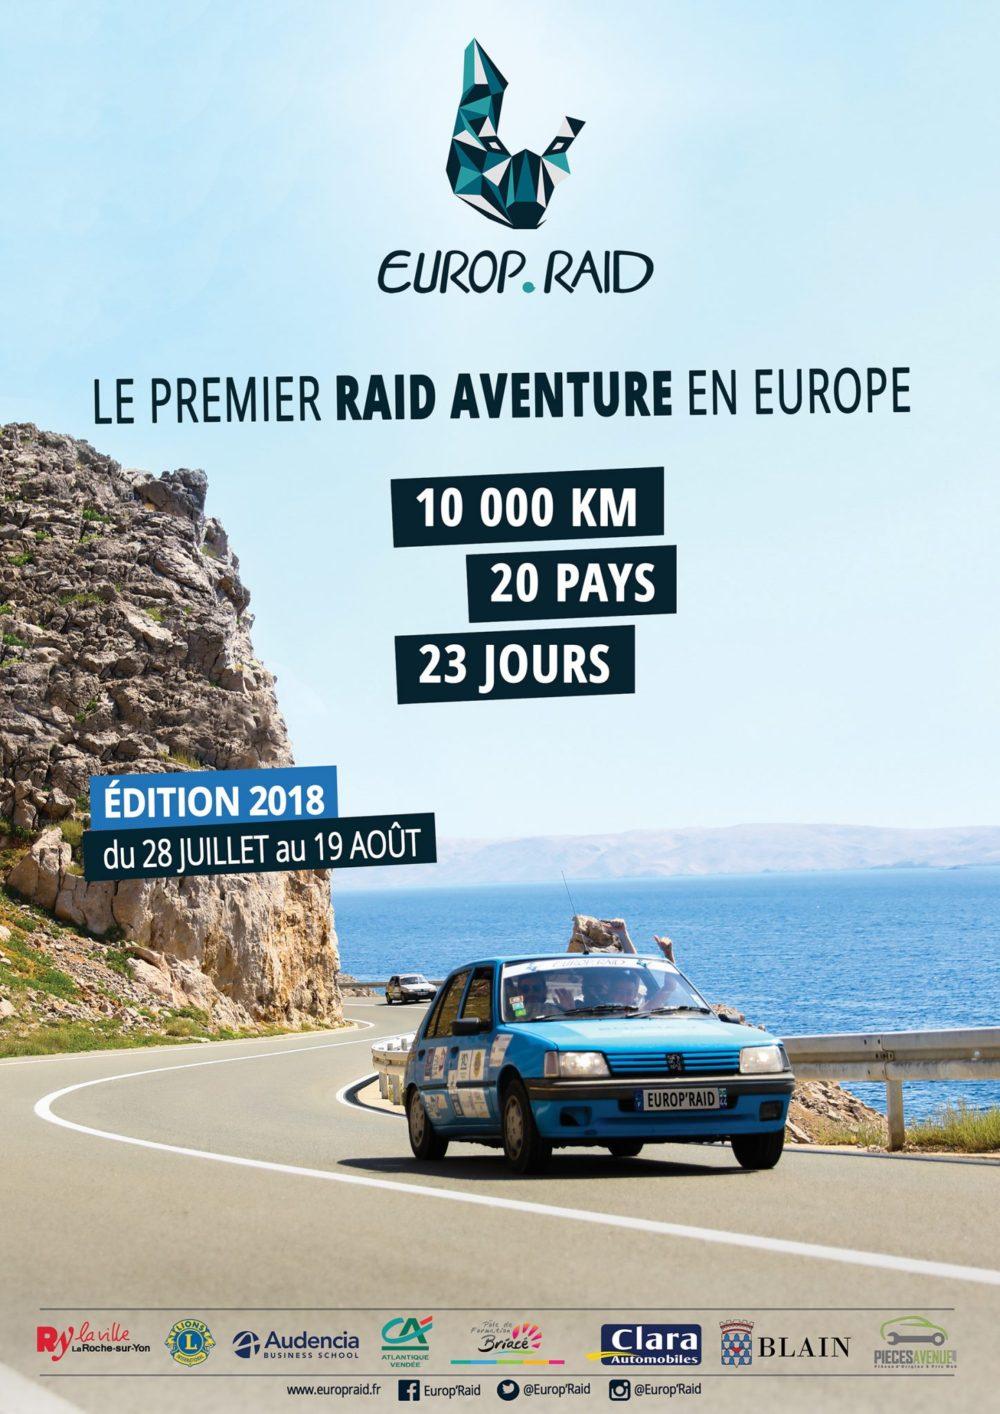 L'affiche de l'Europ'Raid 2018